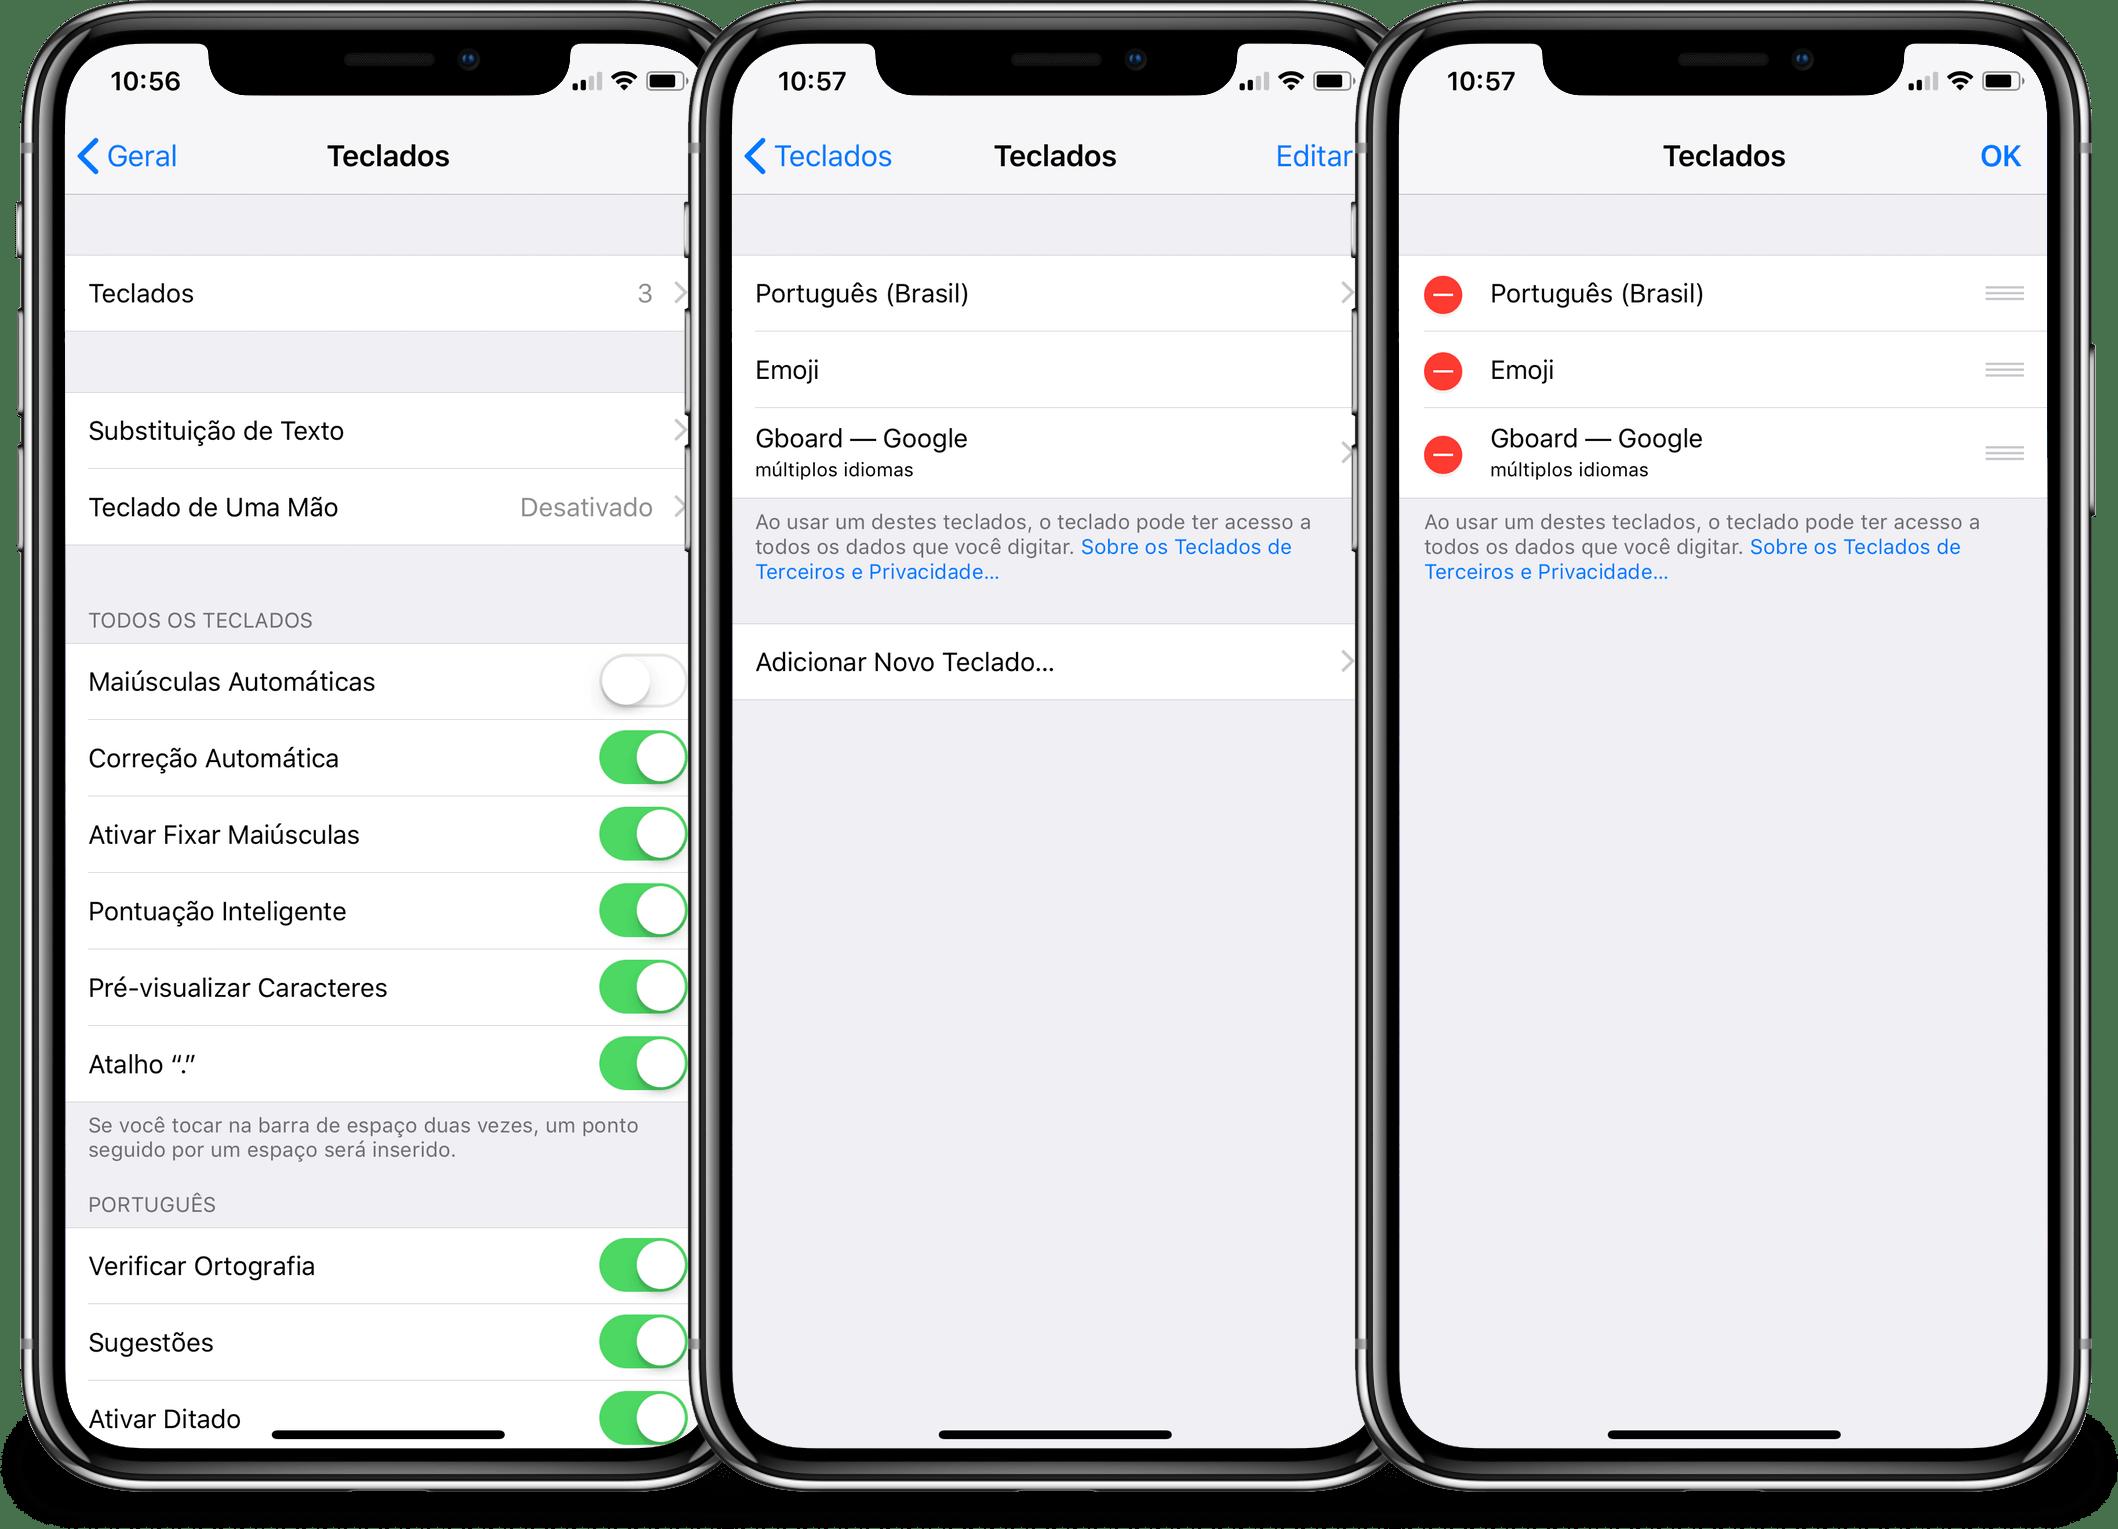 Cómo buscar, instalar y administrar teclados de terceros en iOS